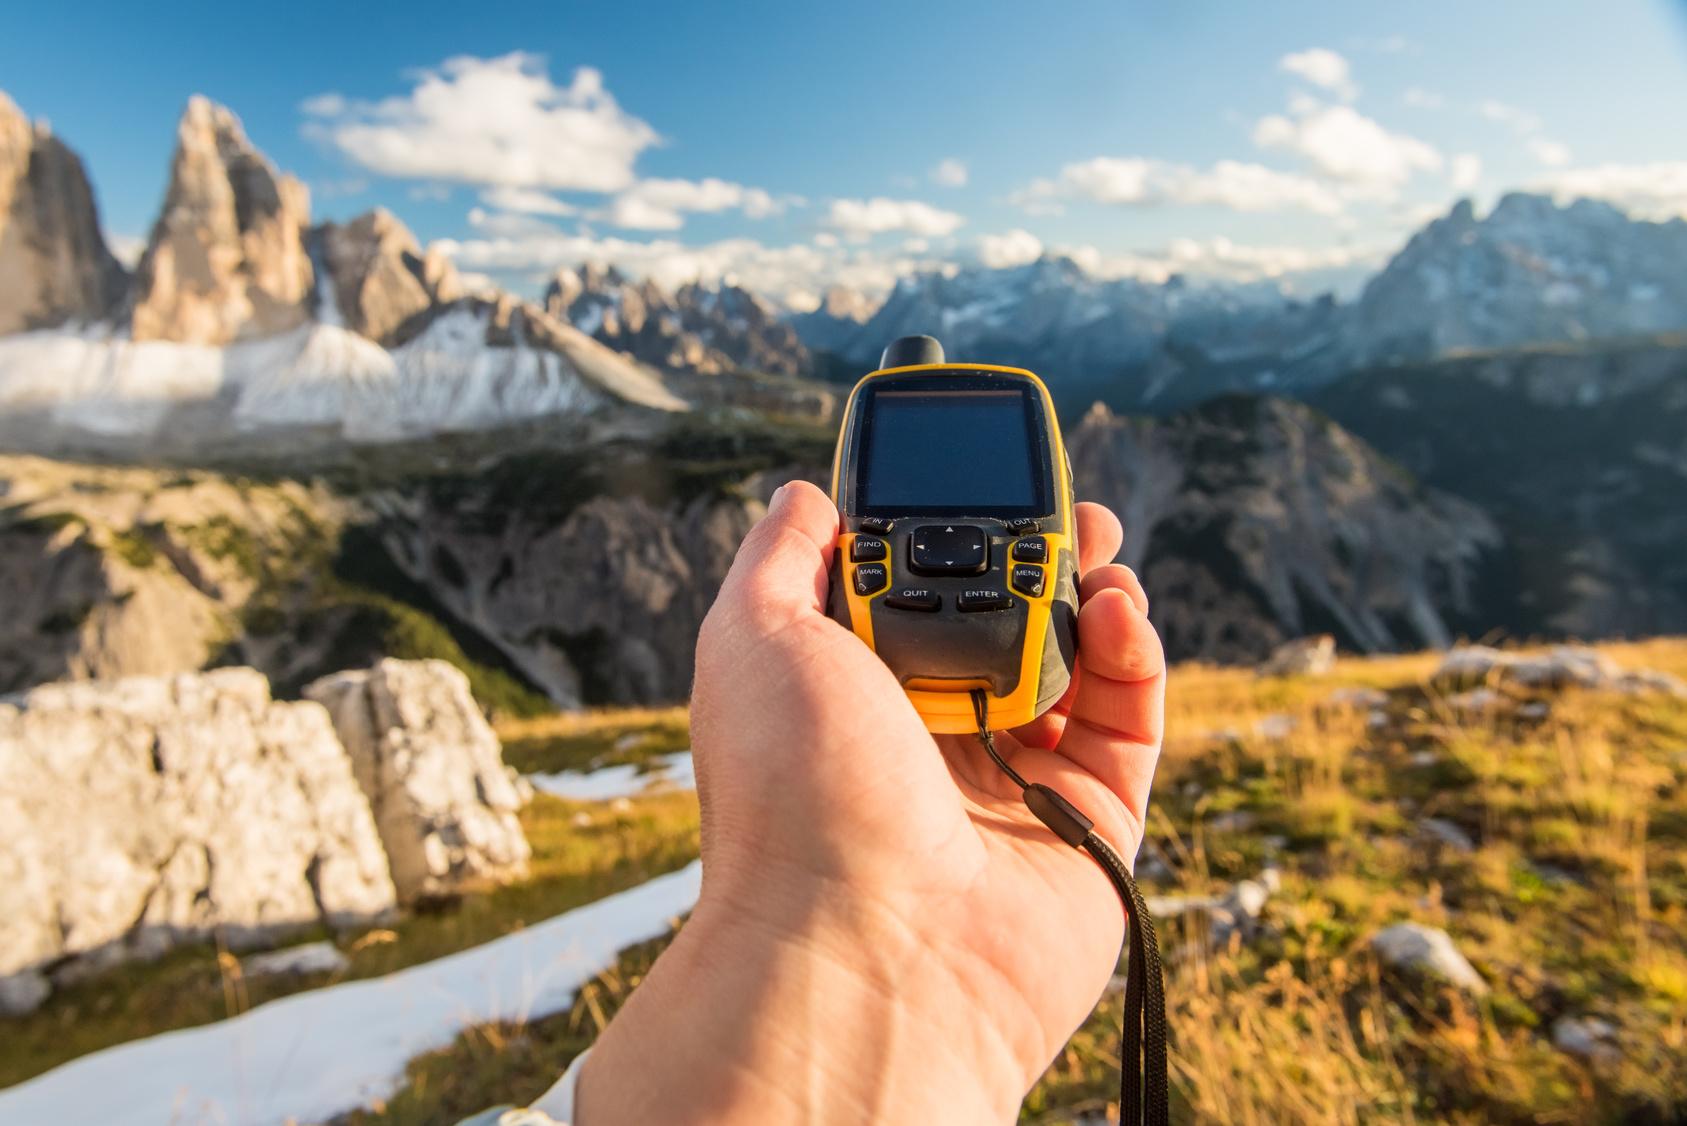 GPS Garmin trekking outdoor